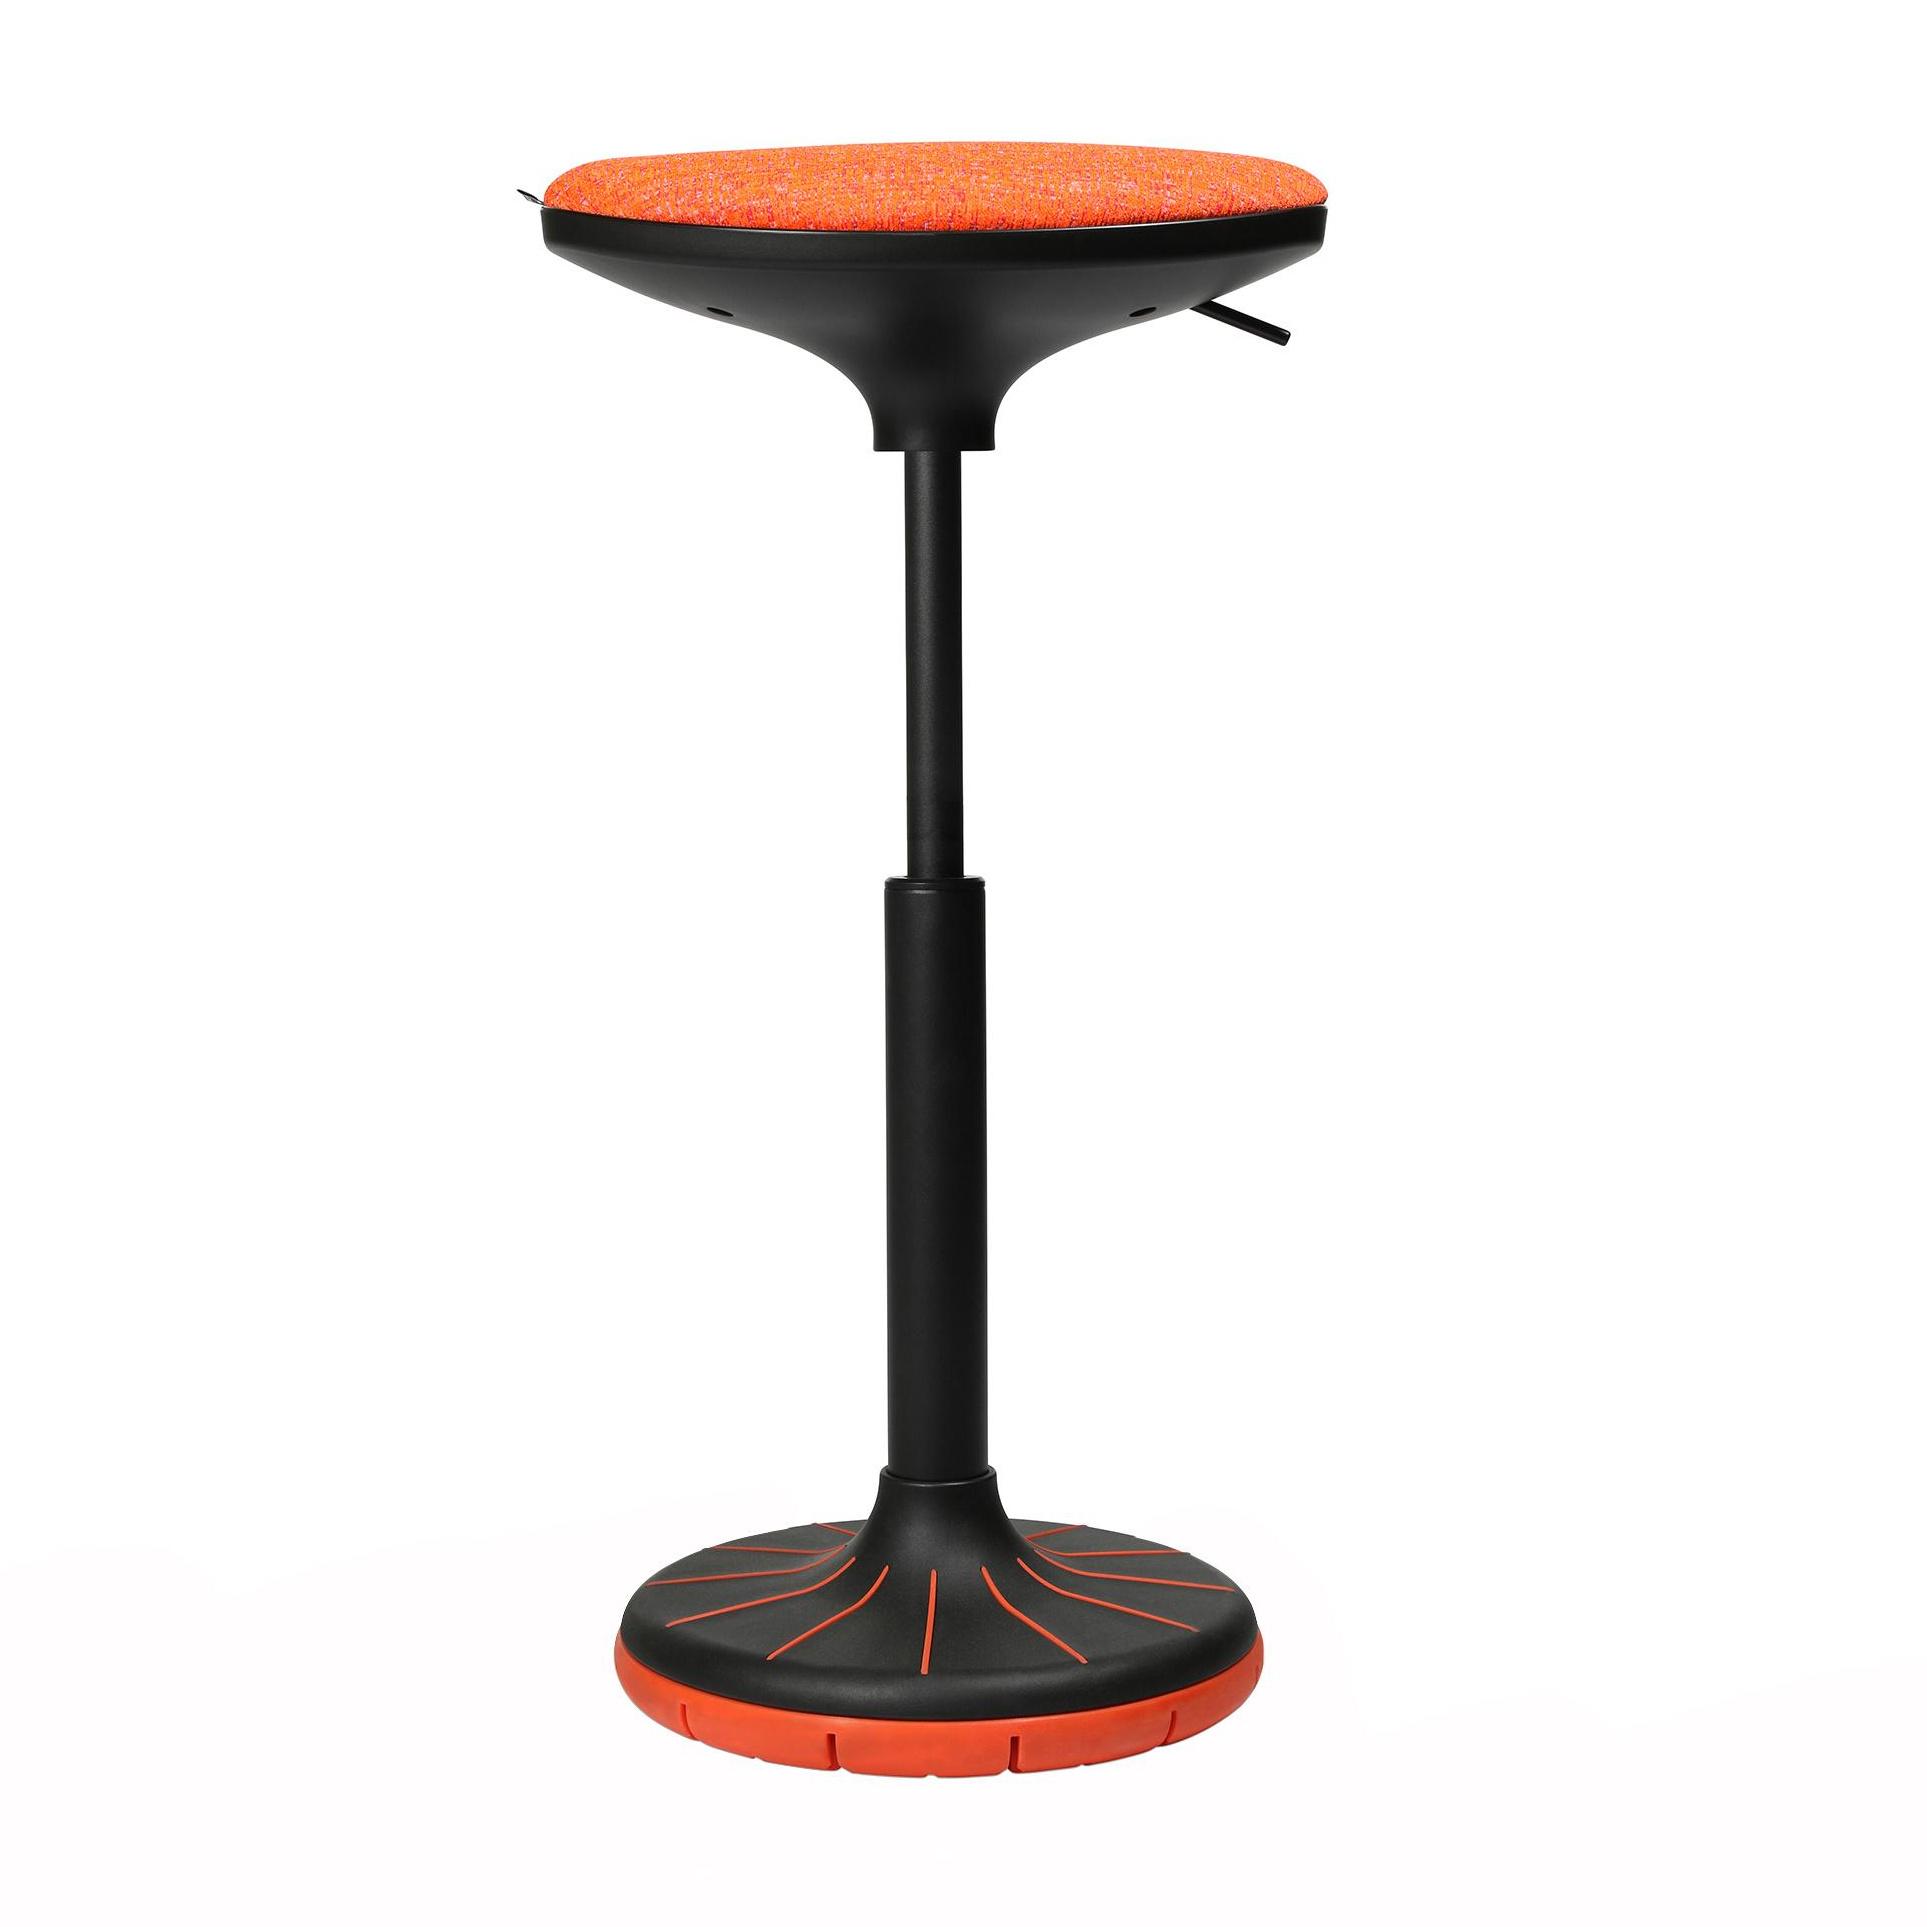 Wagner - W3 - Tabouret 3D - noir/orange/siège étoffe BV1 orange/PxP 38x32cm/H 57-79cm/patins incl./structure noire/ plante du pied orange